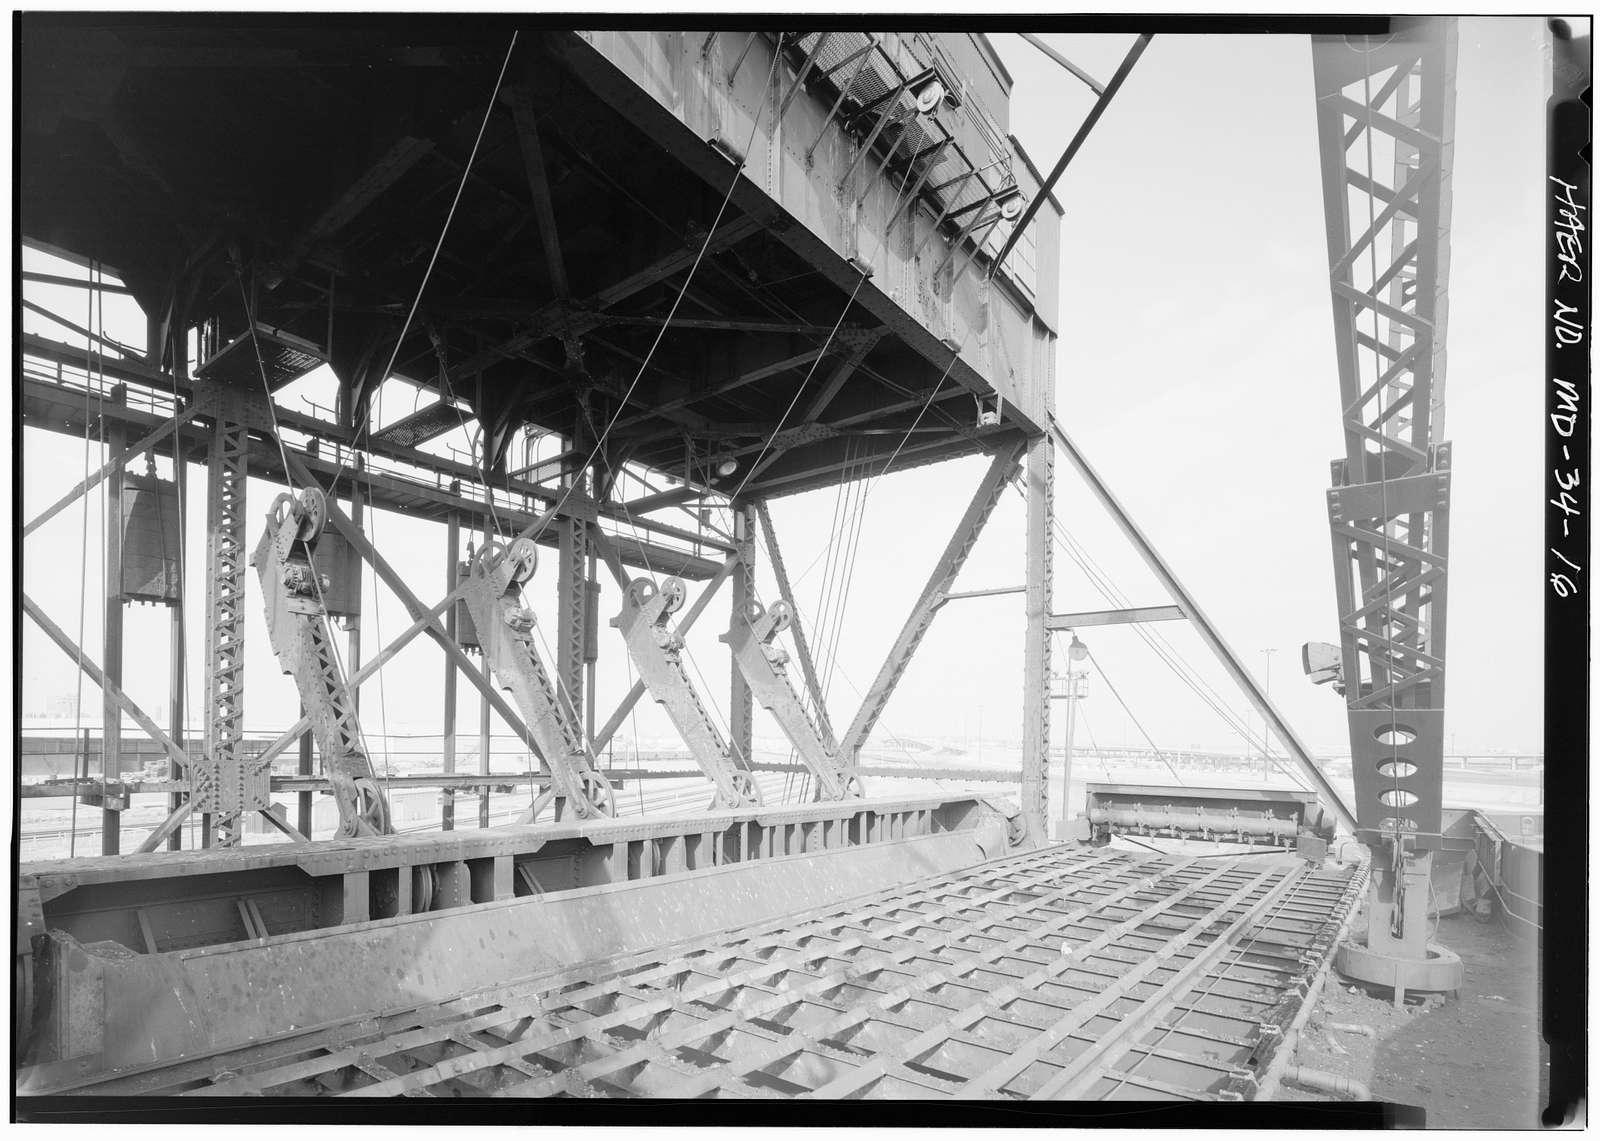 Pennsylvania Railroad, Canton Coal Pier, Clinton Street at Keith Avenue (Canton area), Baltimore, Independent City, MD